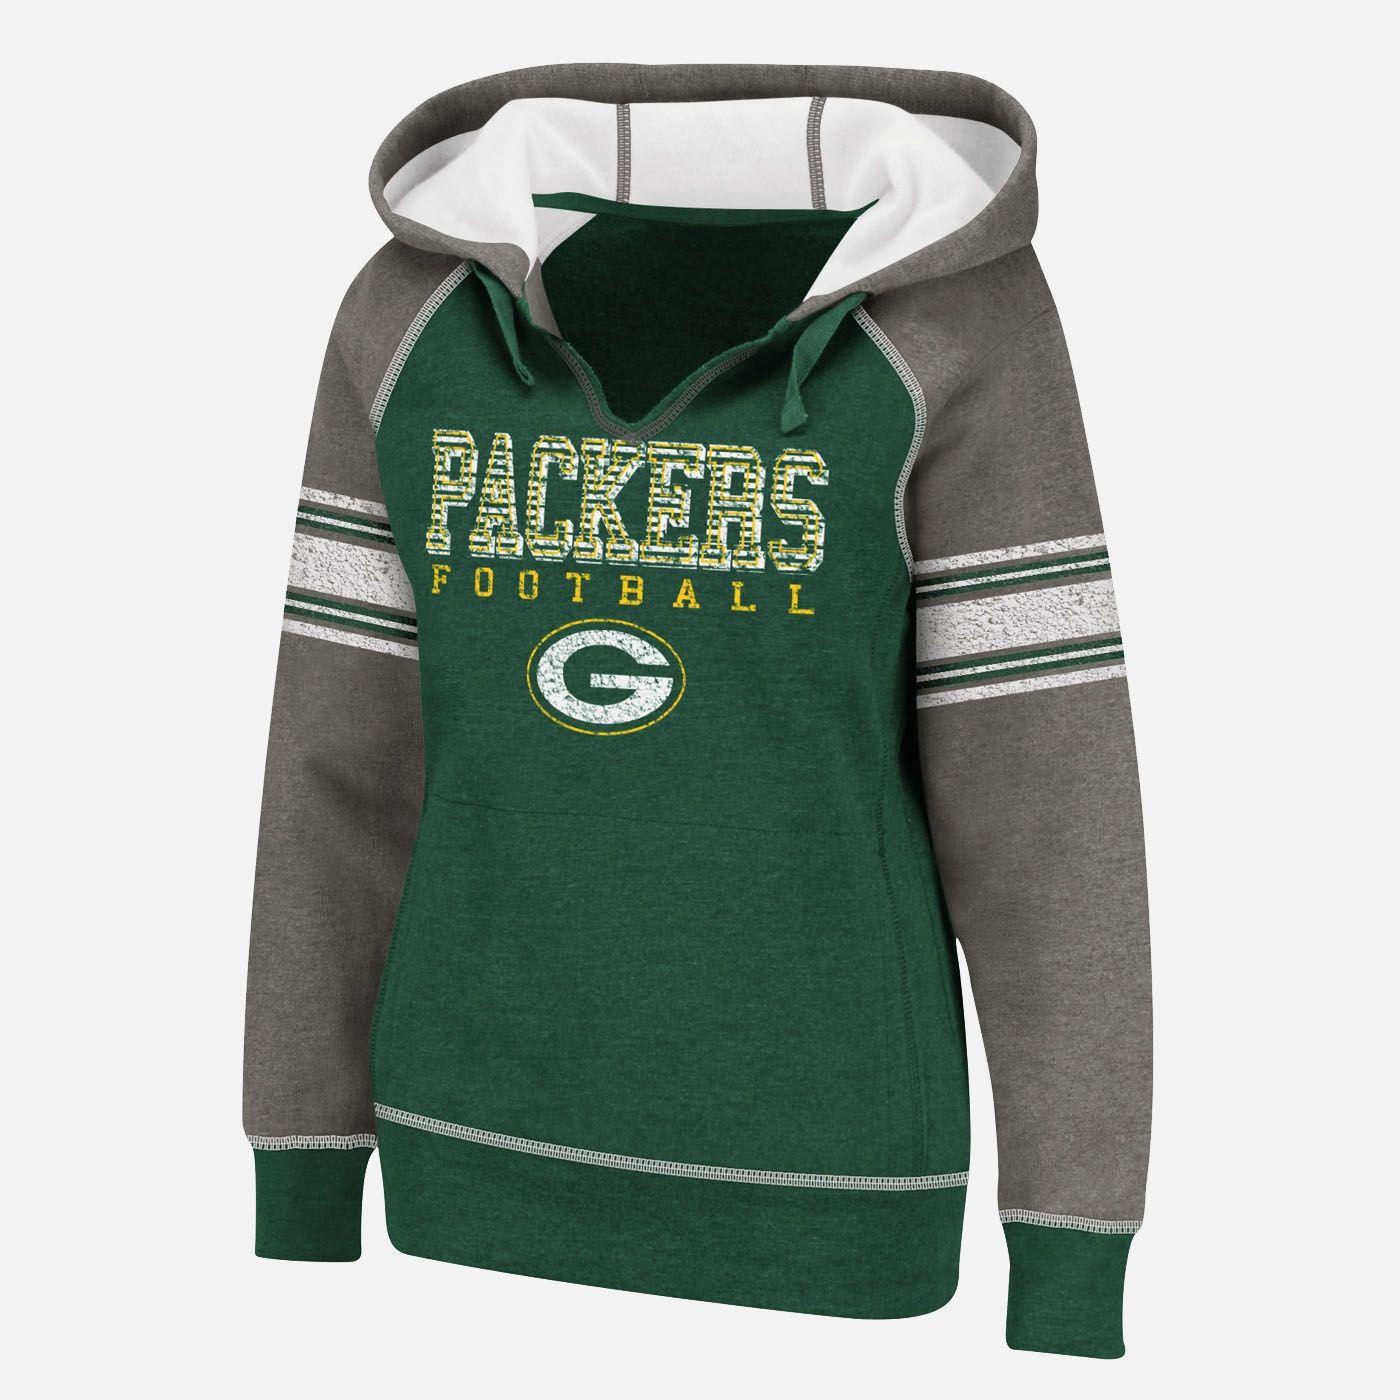 Team Shop Nfl Womens Green Bay Packers Hoodie Shopko Com Green Bay Packers Clothing Packers Clothing Atlanta Falcons Hoodie